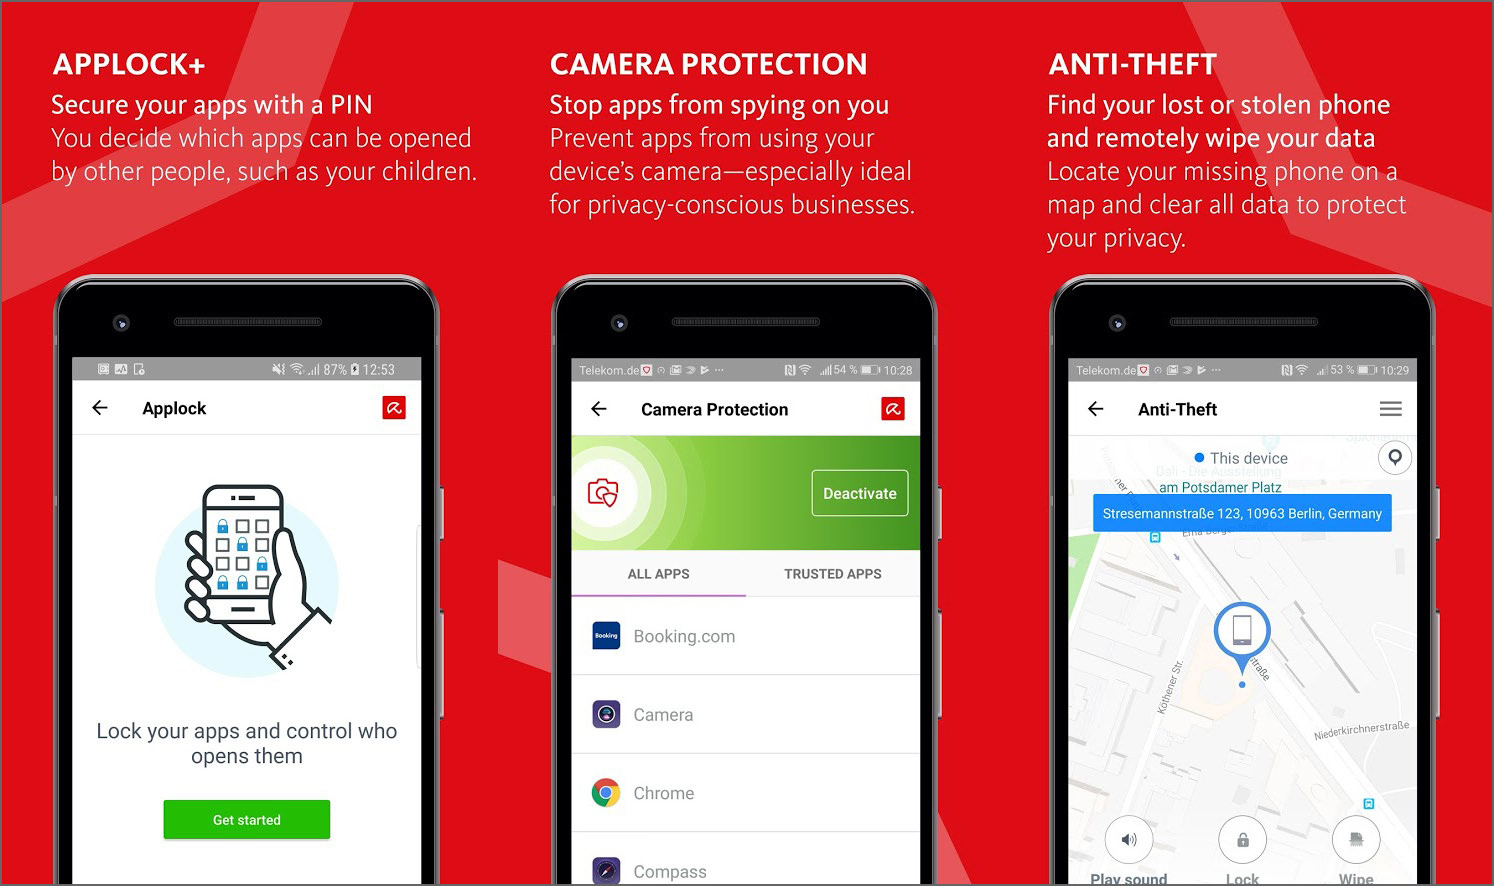 أفضل تطبيقات مكافحة الفيروسات وحماية الهاتف 2021